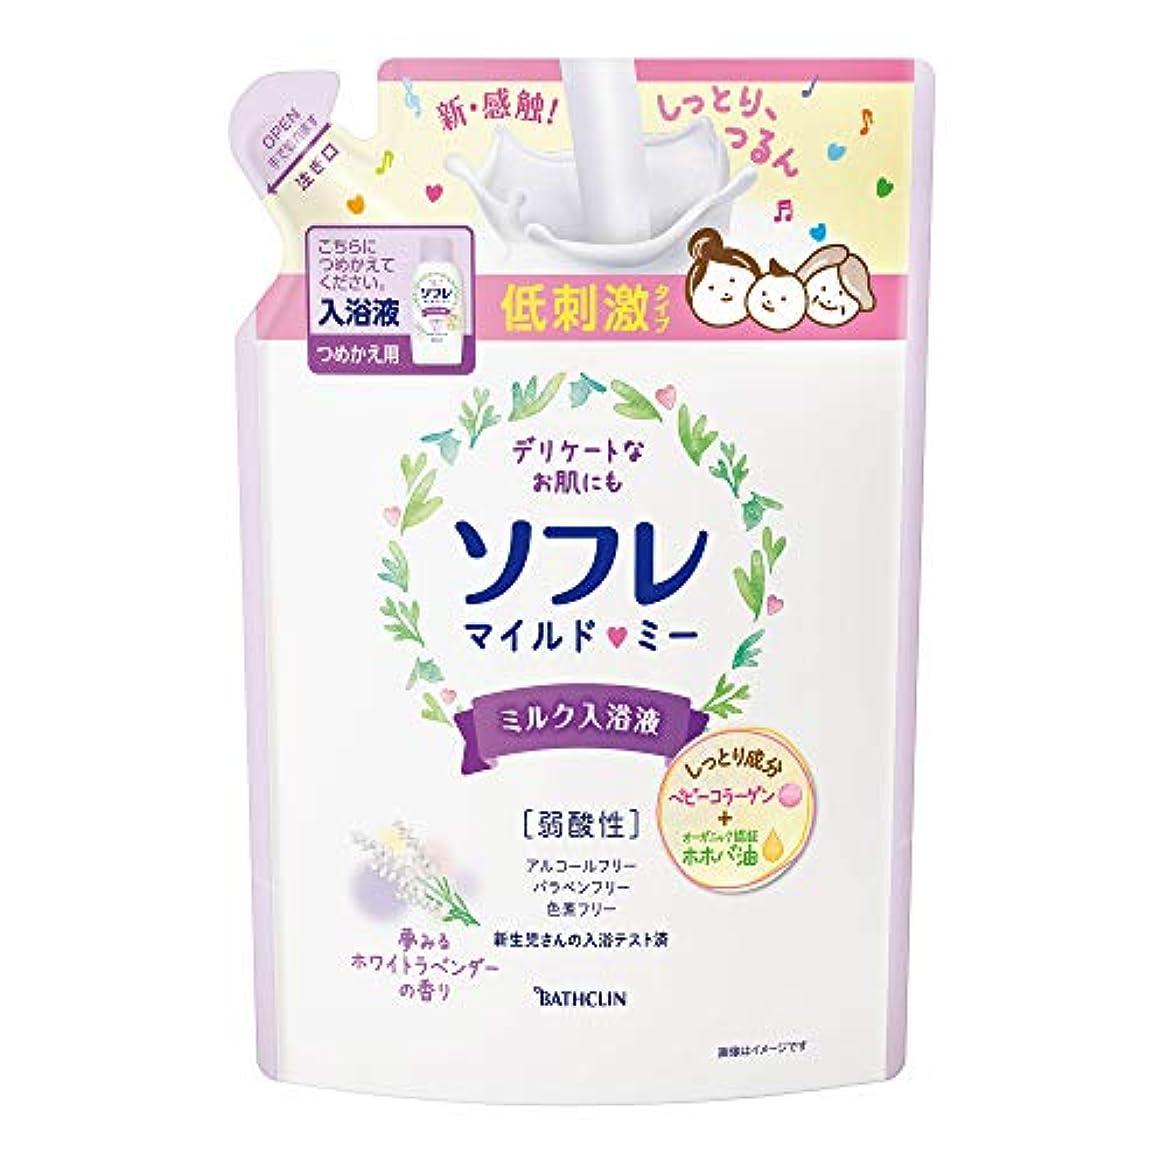 アコー破壊的日曜日バスクリン ソフレ入浴液 マイルド?ミー ミルク 夢みるホワイトラベンダーの香り つめかえ用 600mL保湿 成分配合 赤ちゃんと一緒に使えます。